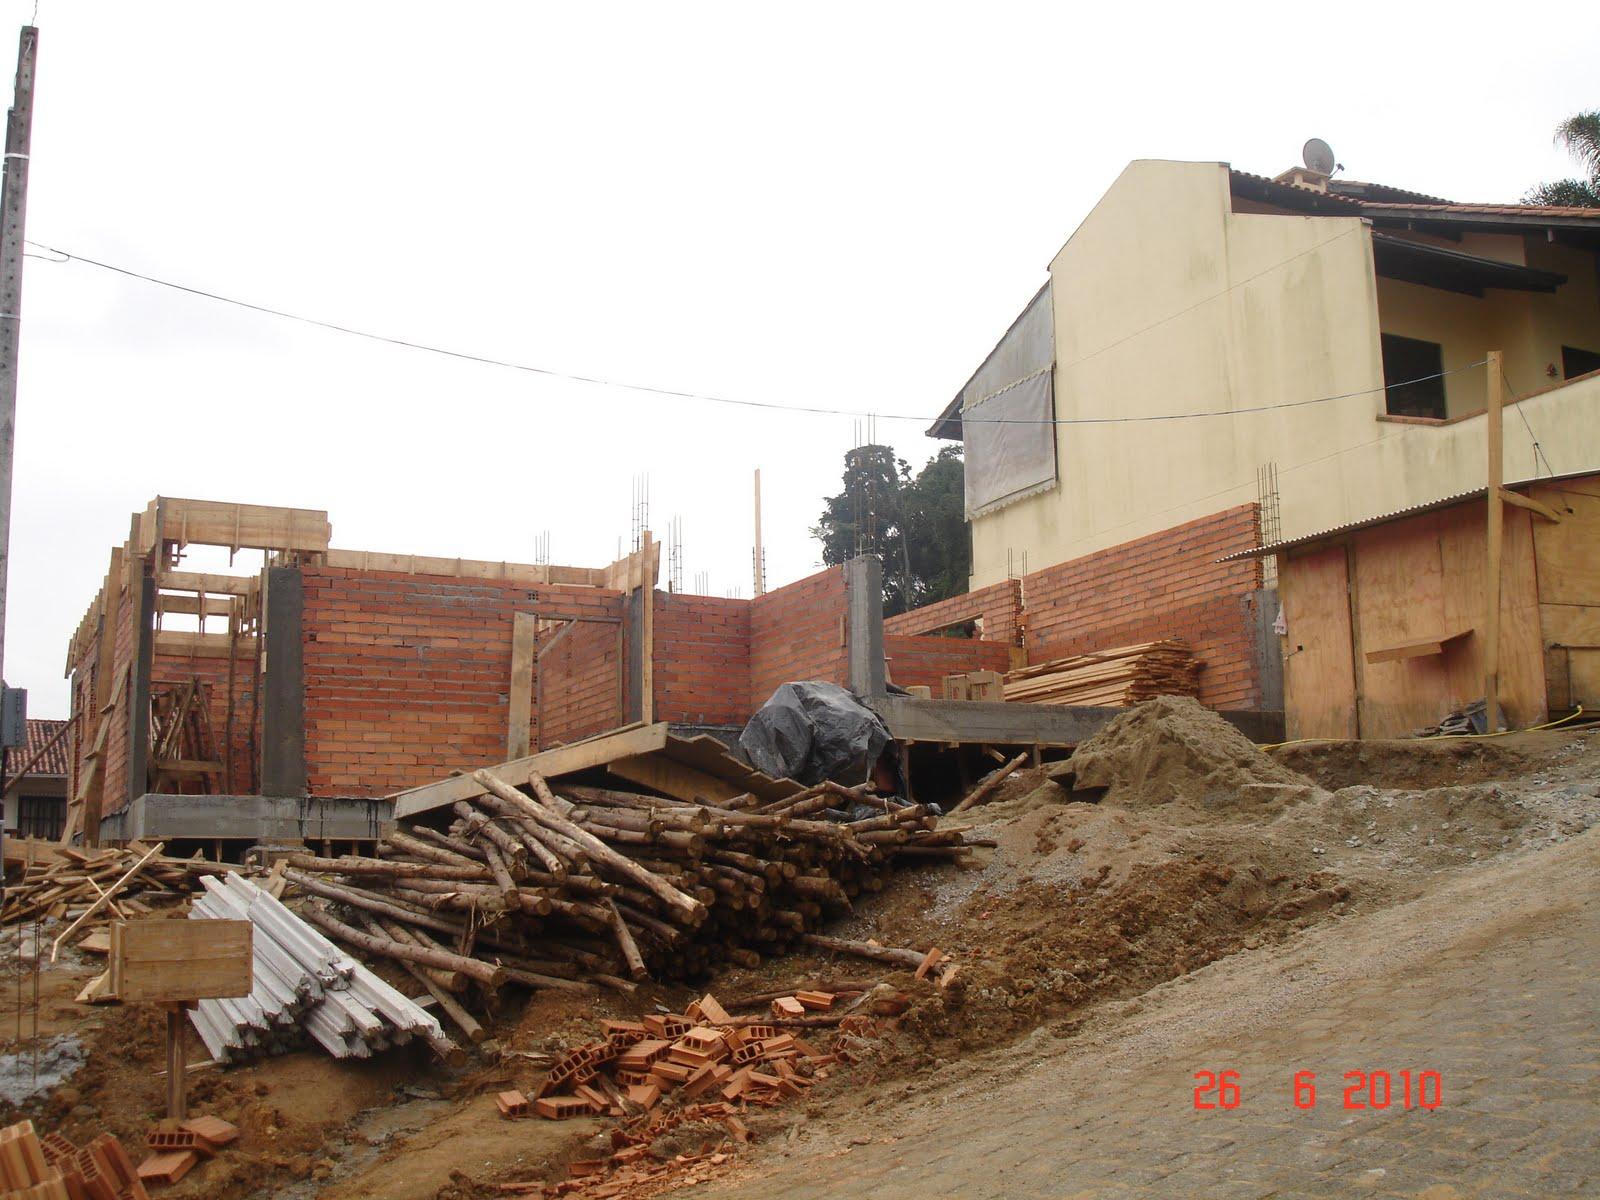 Nossa Casa no Site Construção da fundação ao acabamento: Fotos  #AE2F1D 1600 1200